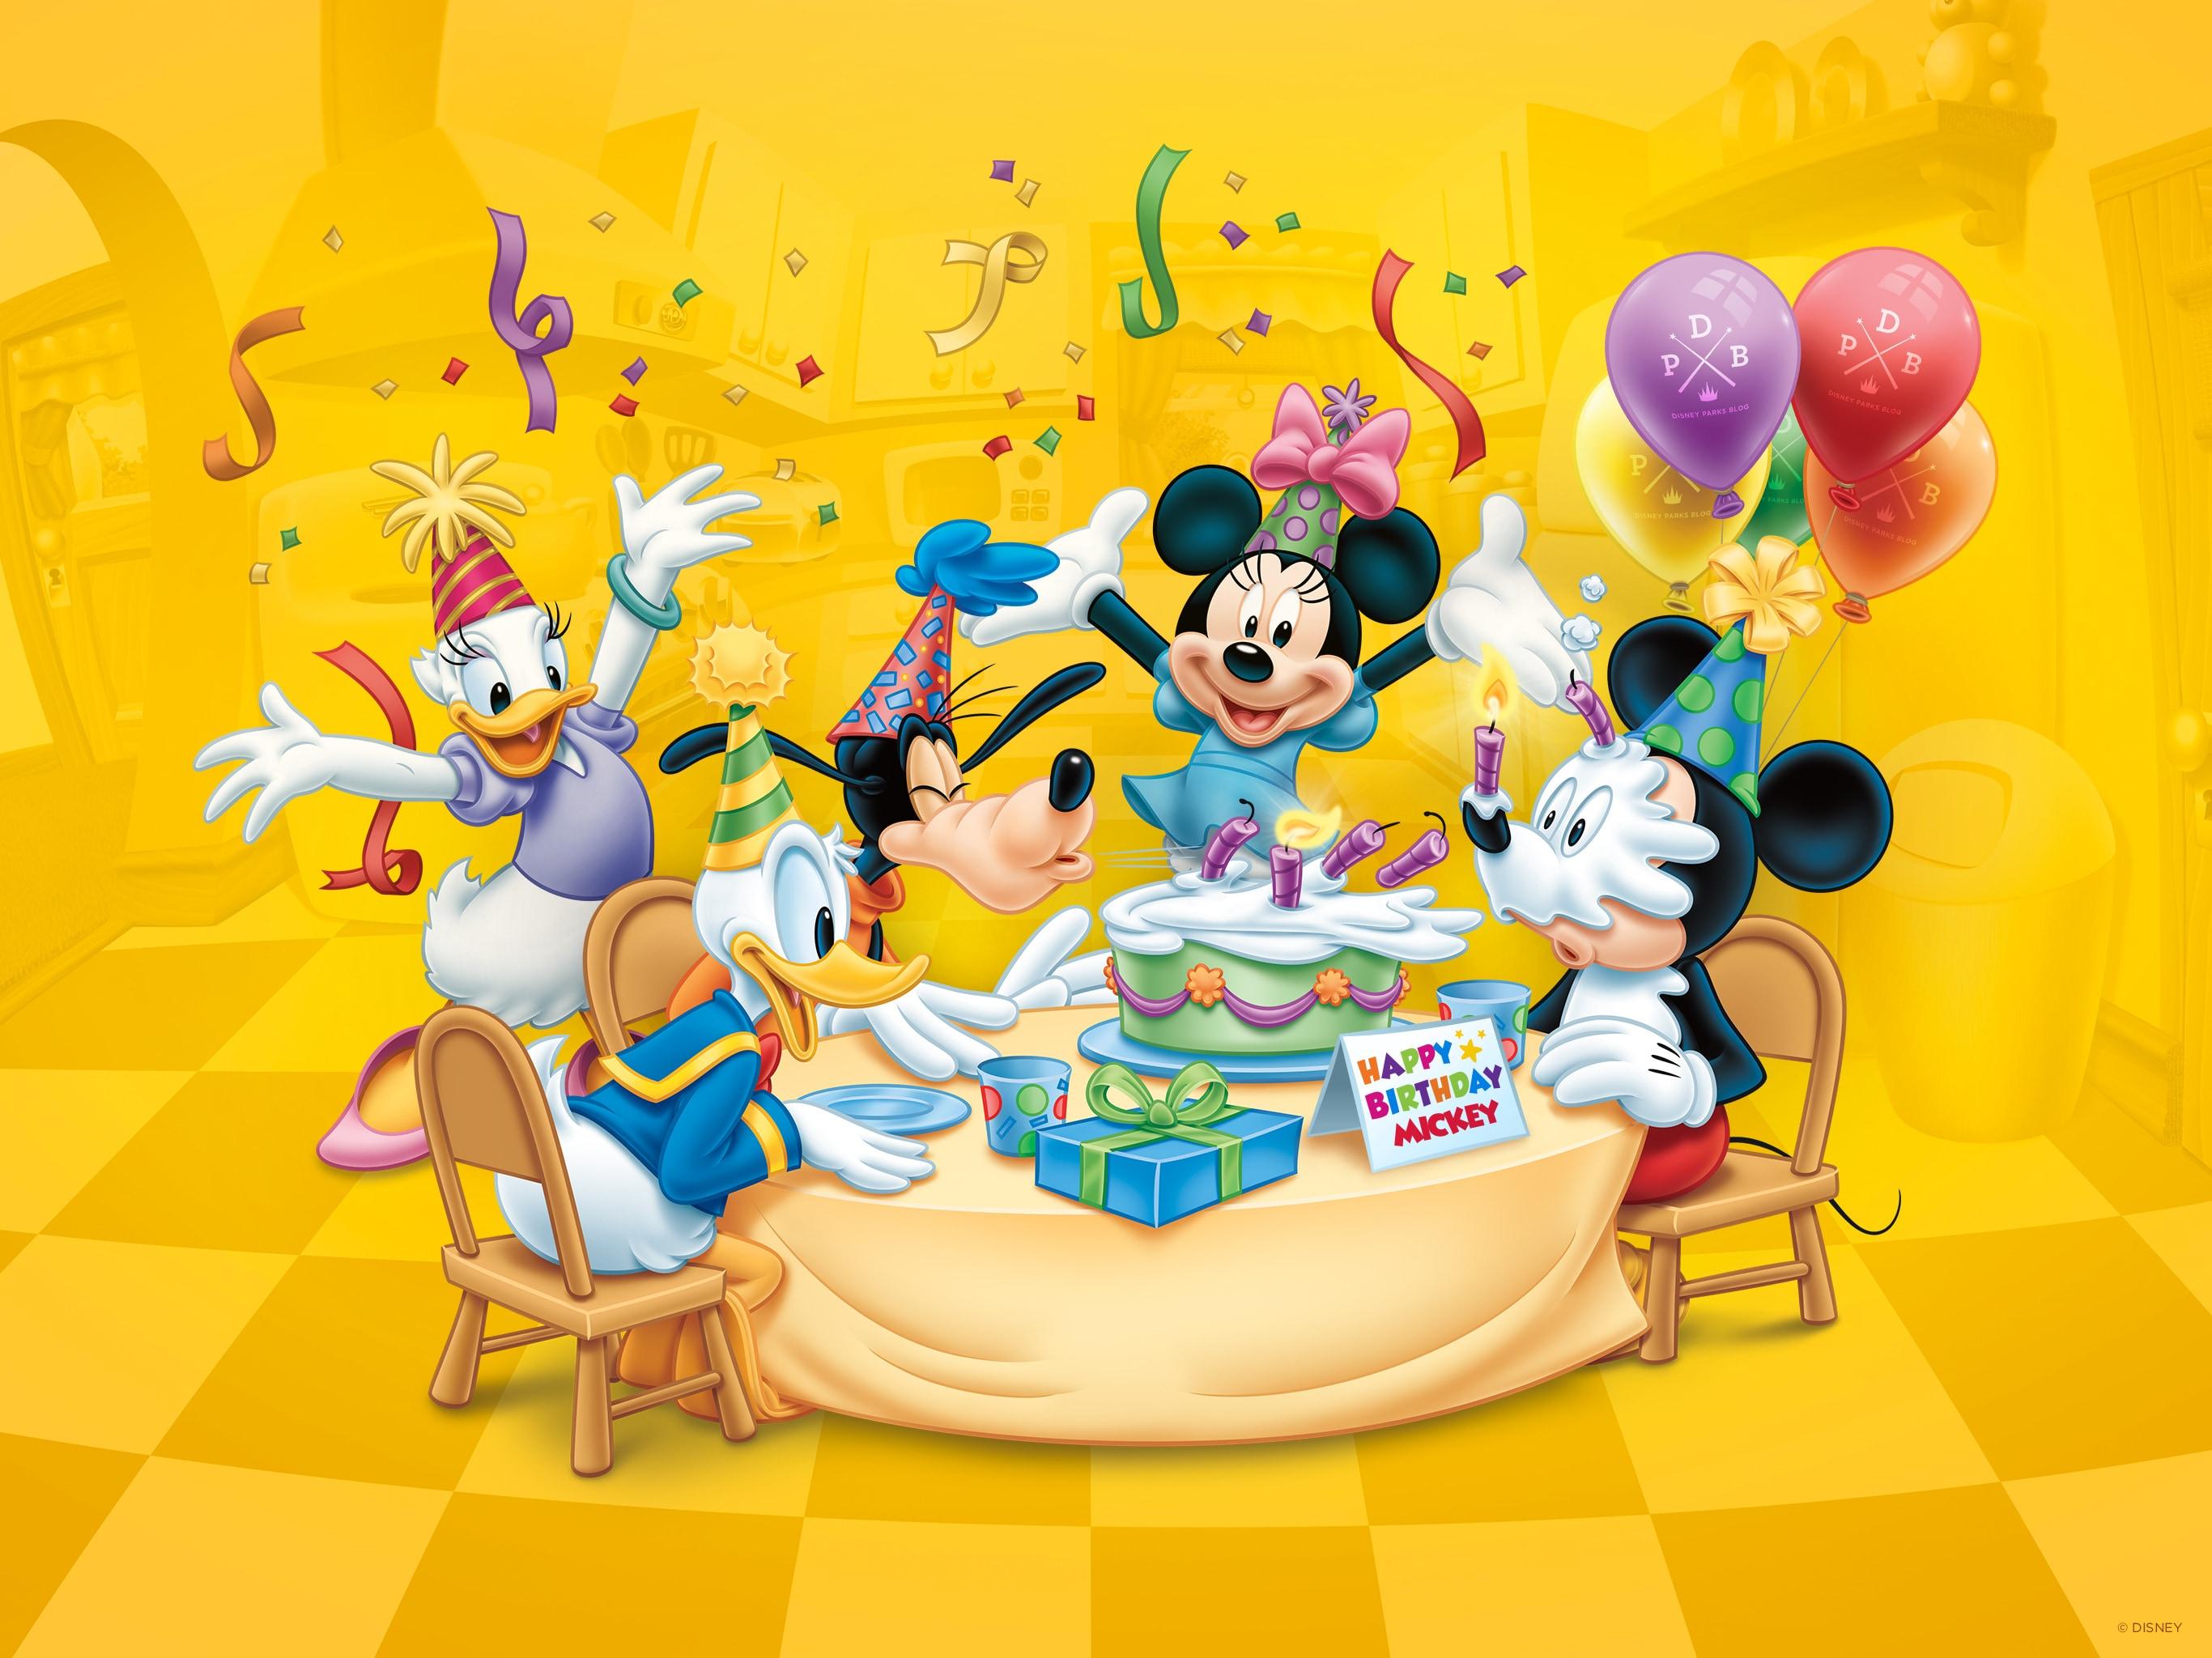 Happy Birthday Mickey! | Disney Parks Blog